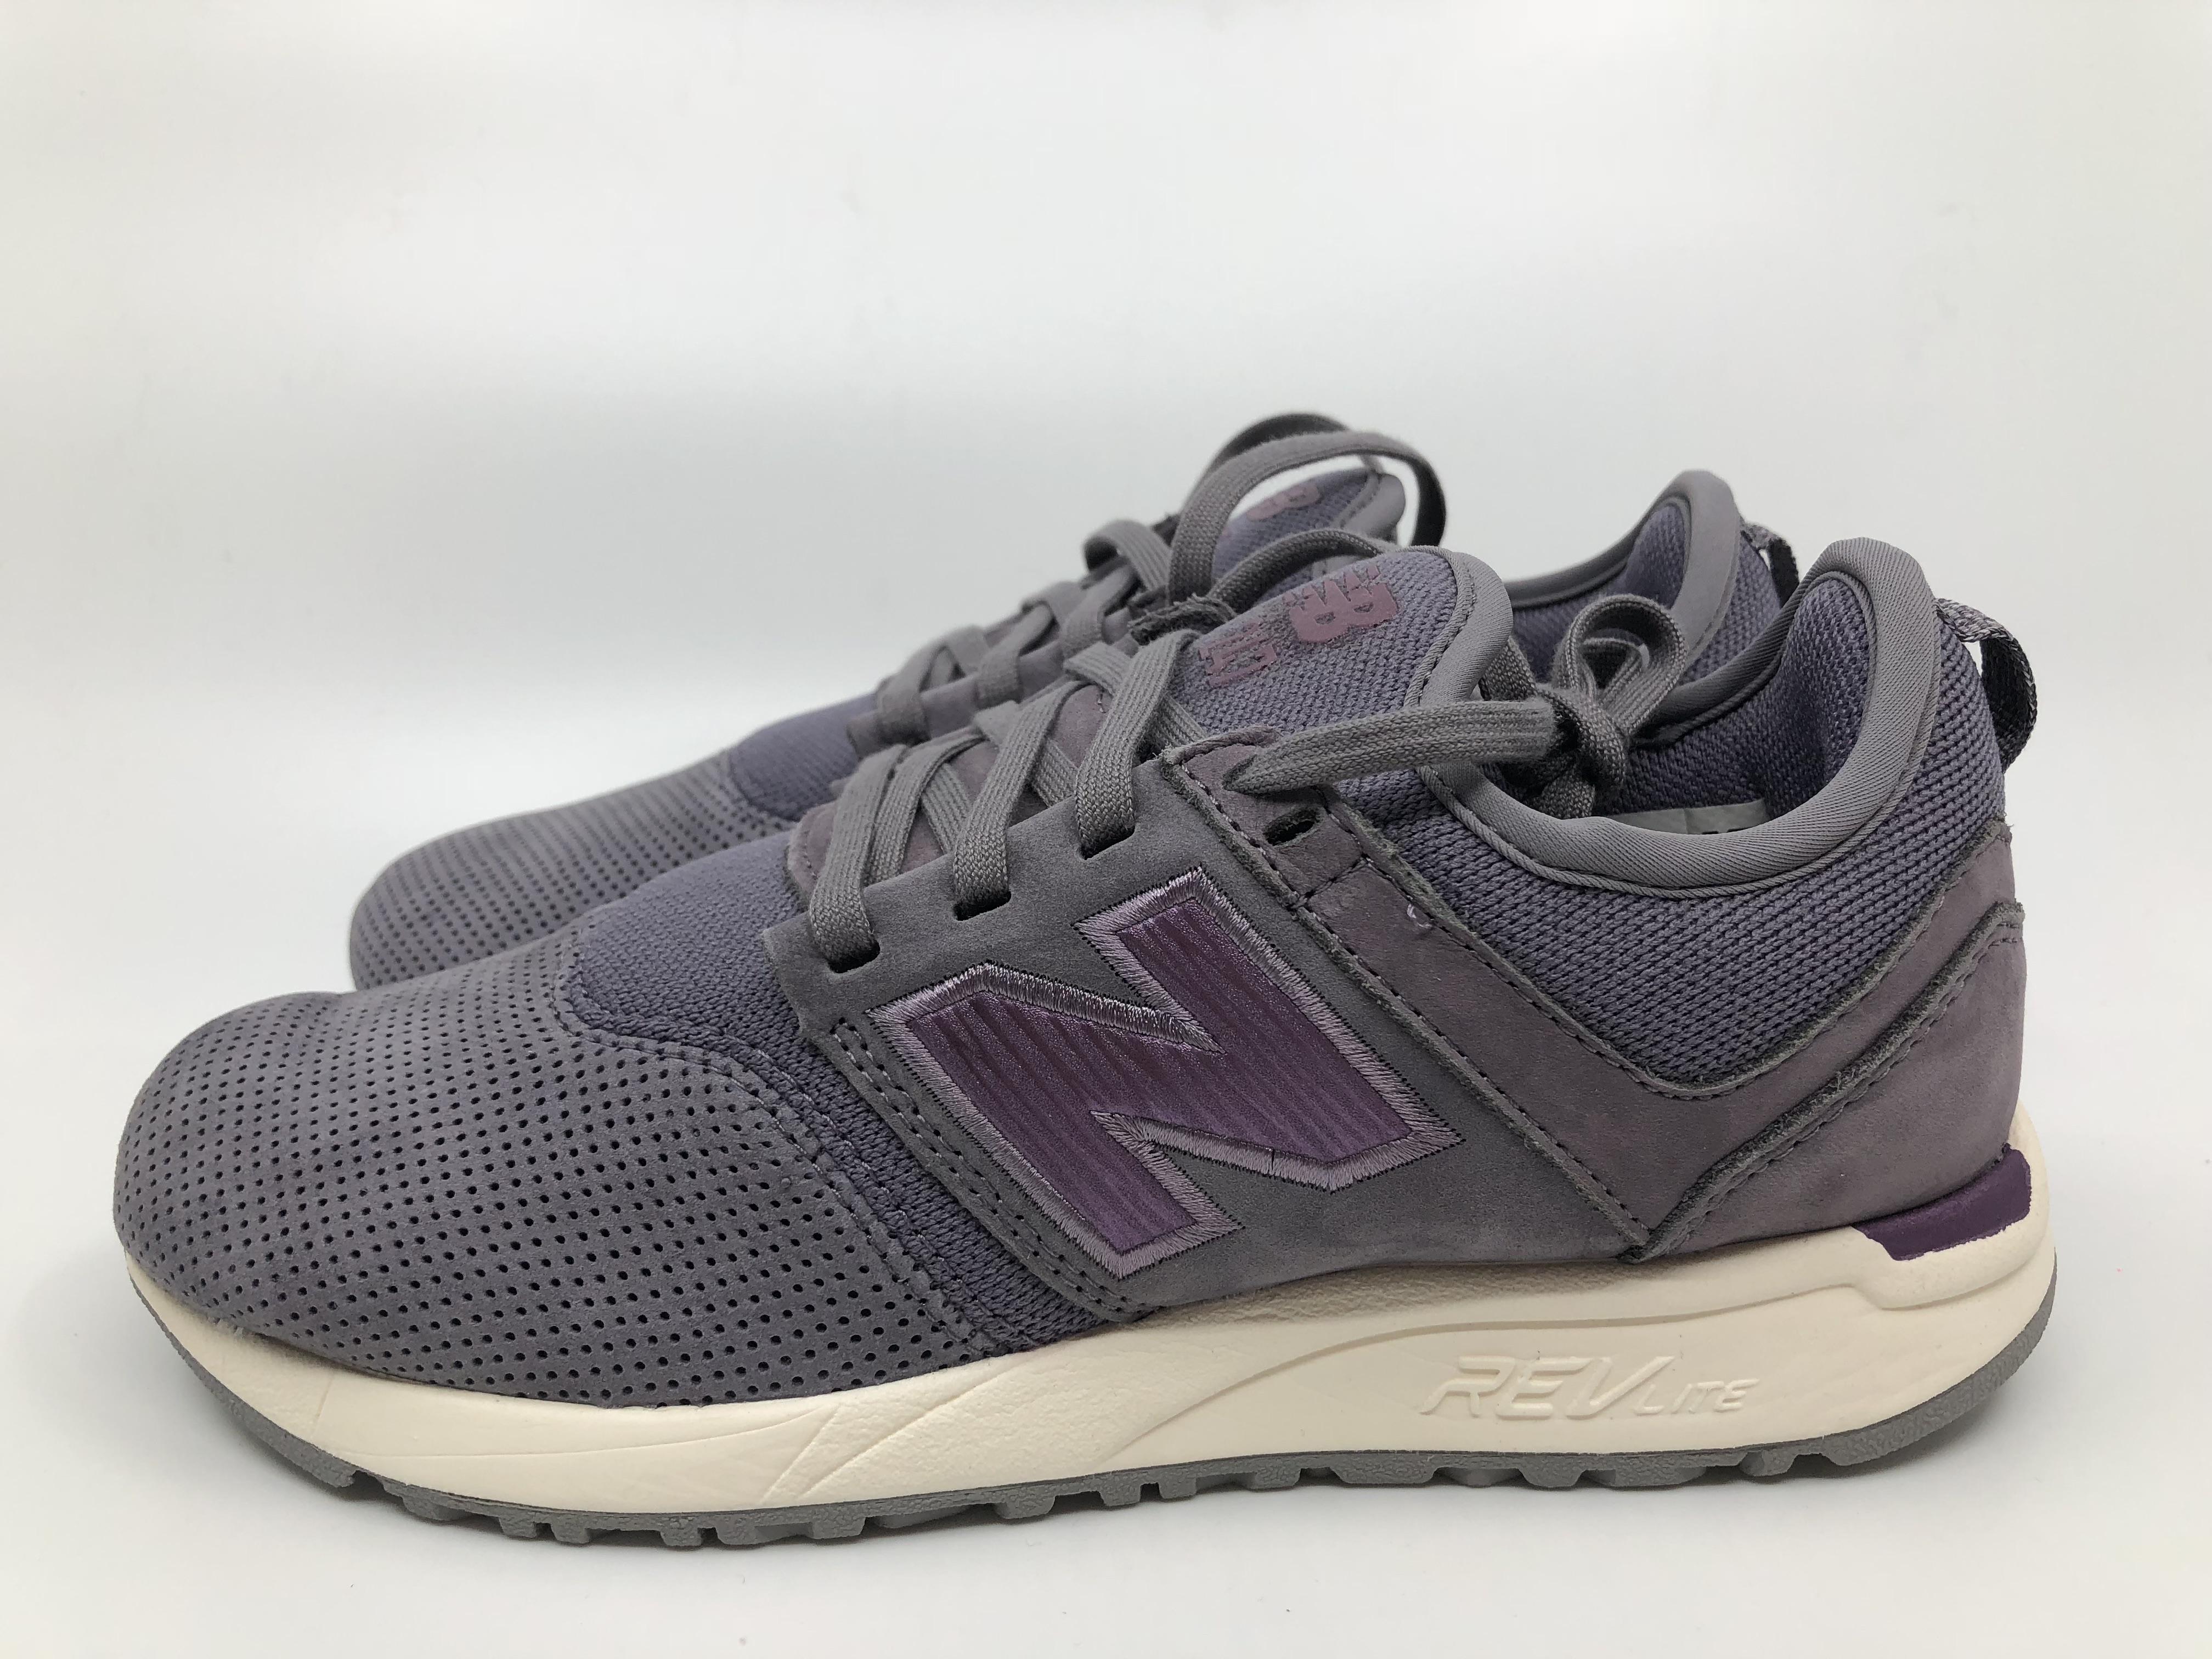 New Balance U520BG Herren Sneaker dark grün military 603311